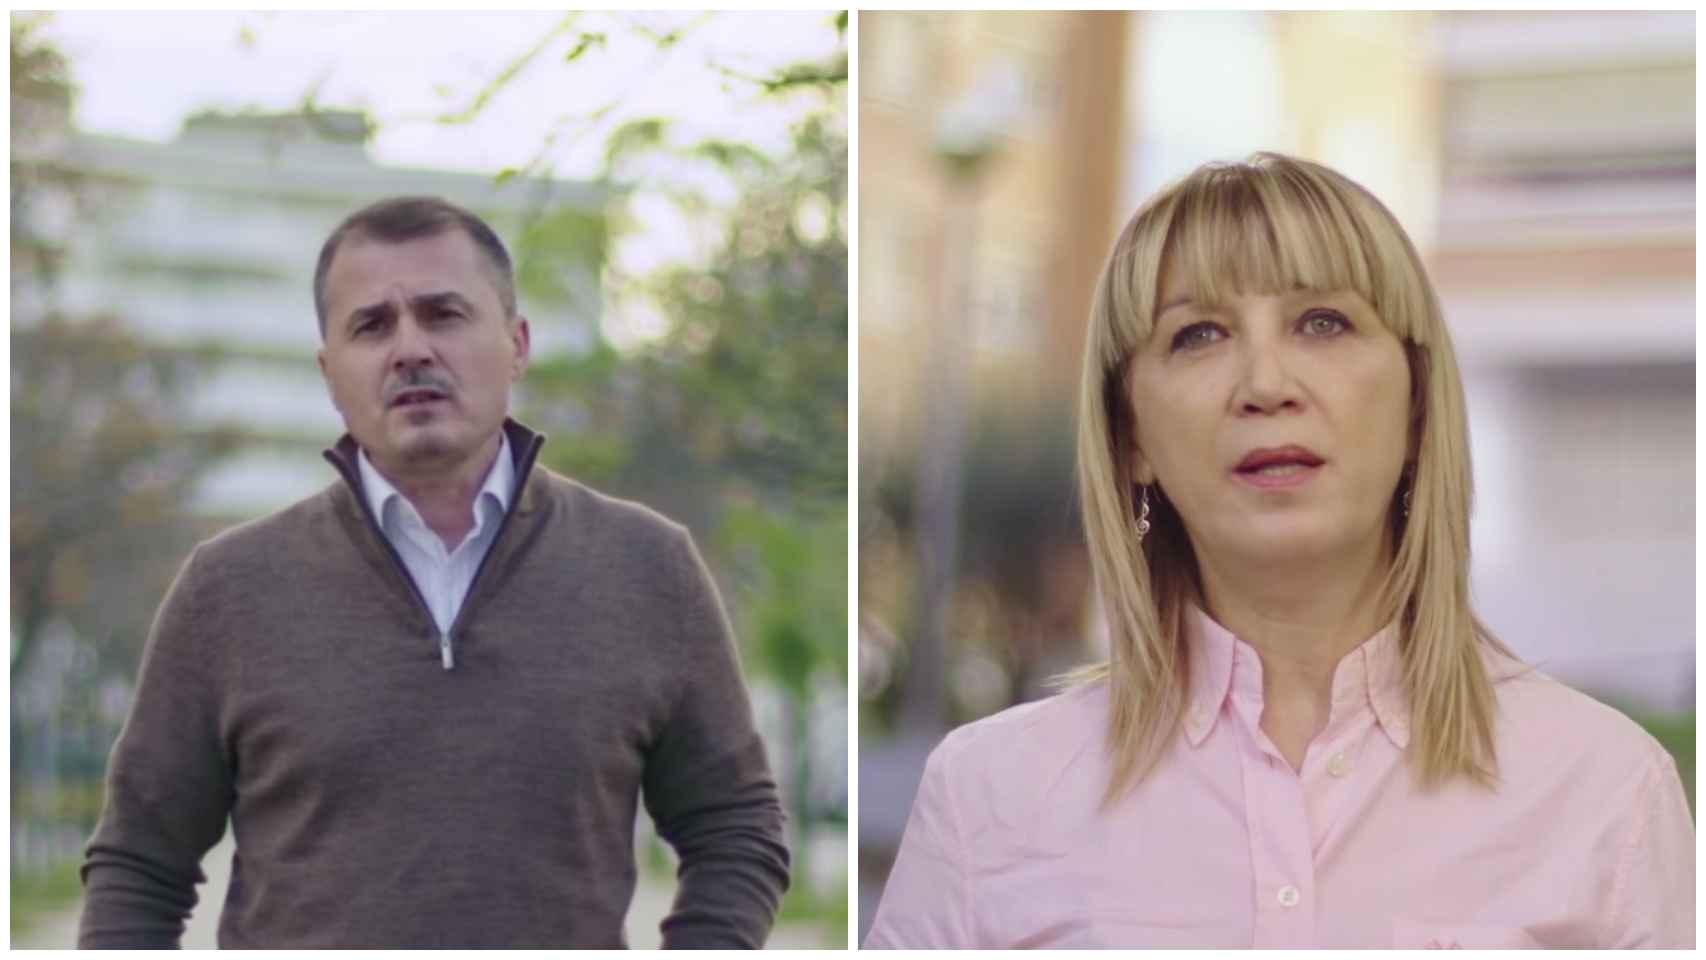 Los padres del portavoz de ERC en el Congreso, Antonio Rufián y Pepi Romero. Ambos son de padres andaluces.